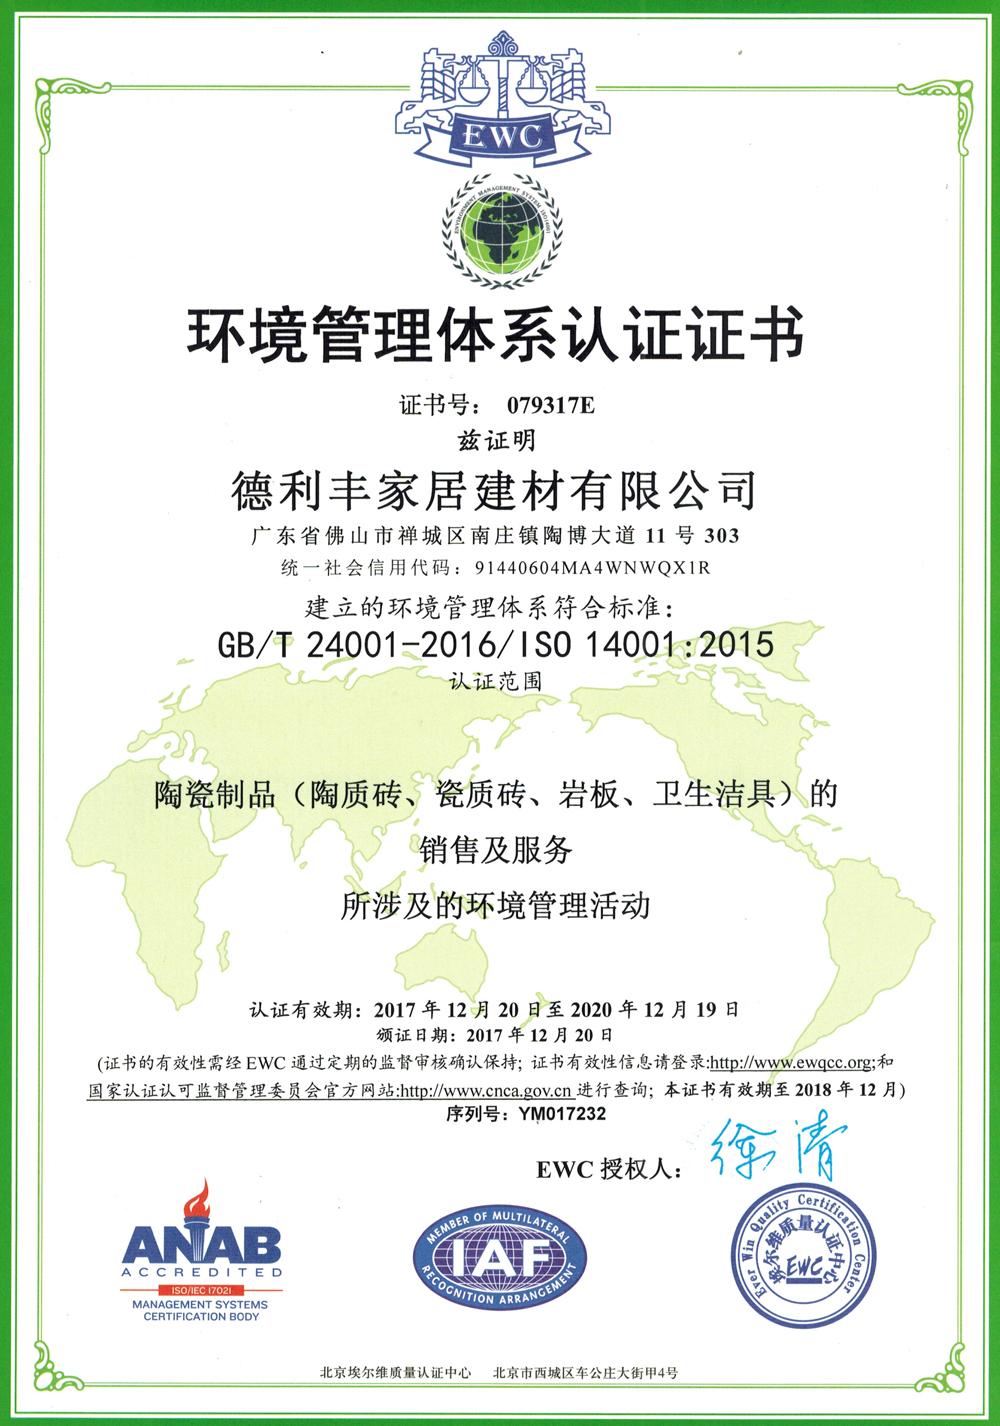 环境体系认证证书-中文版